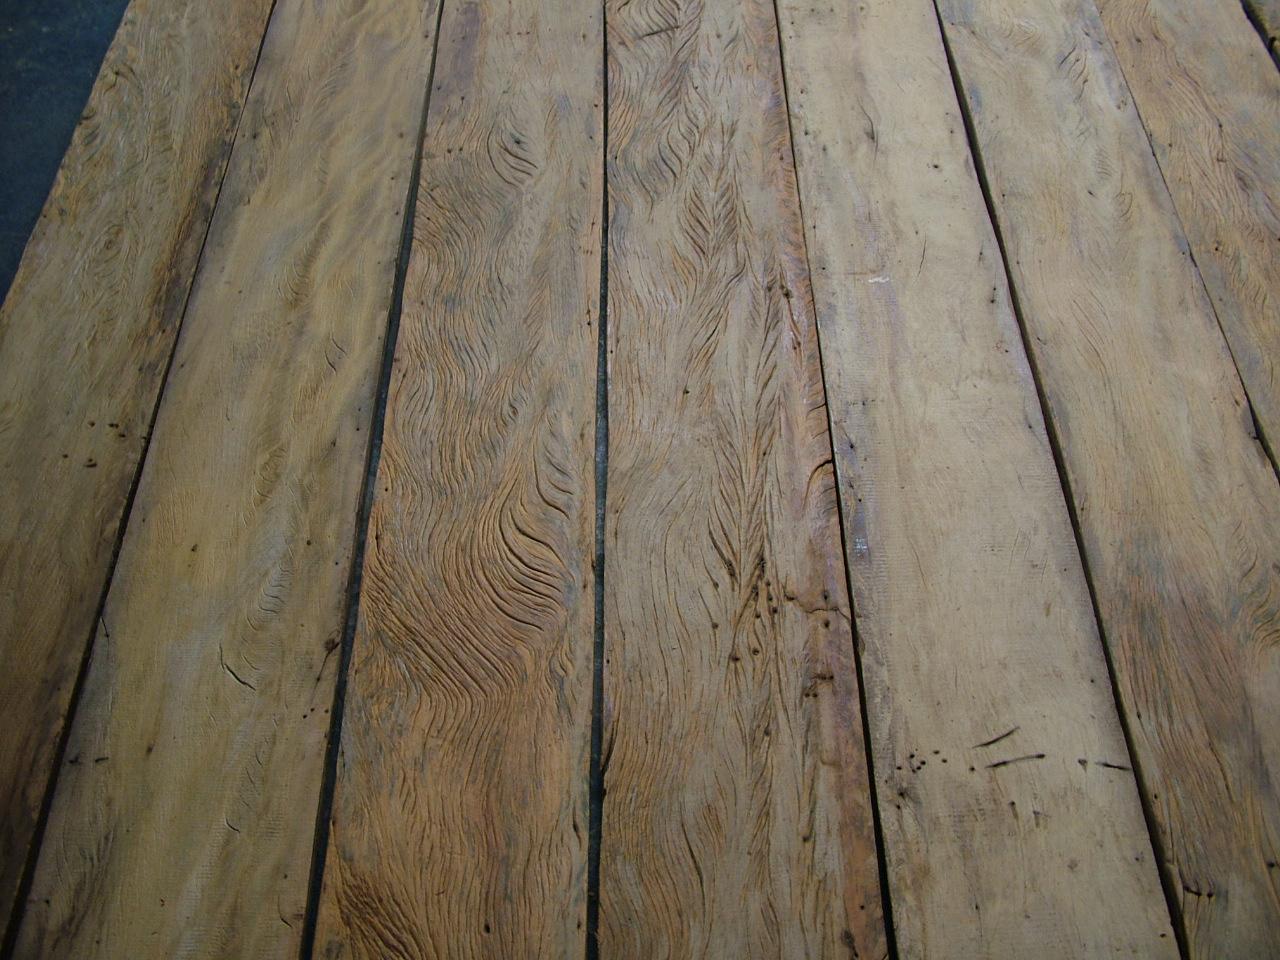 lotes de madeira de demolição peroba rosa de demolição madeira de  #5F4F39 1280x960